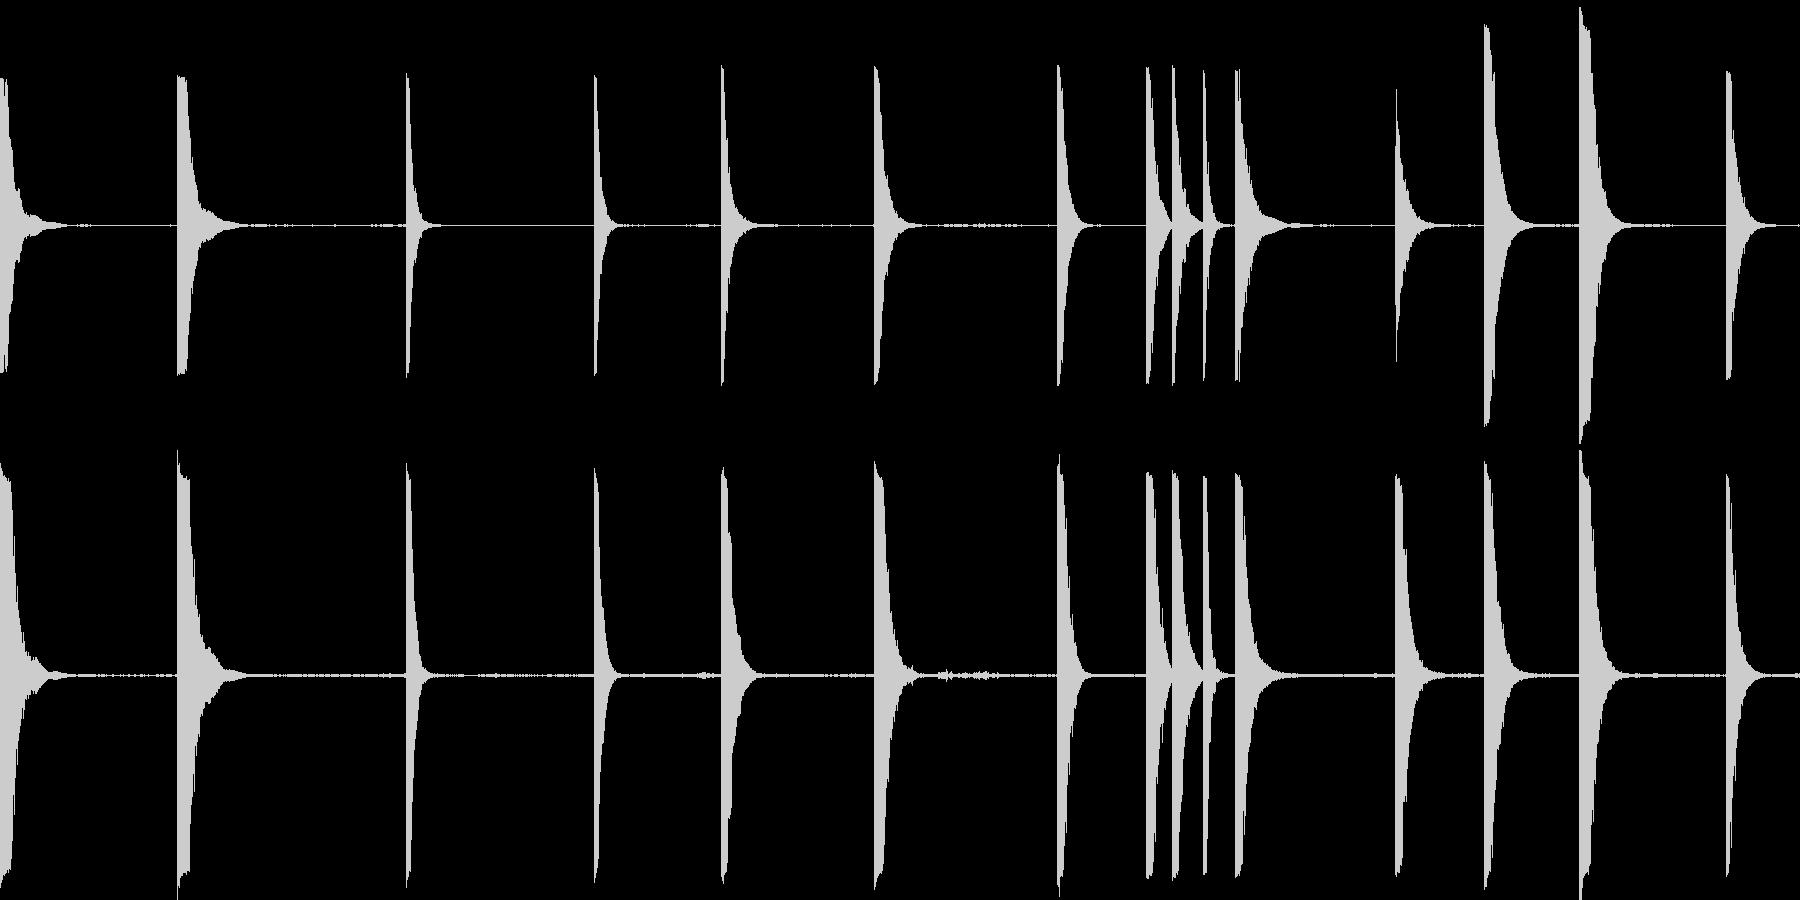 金属のクランクは様々なヒットの未再生の波形